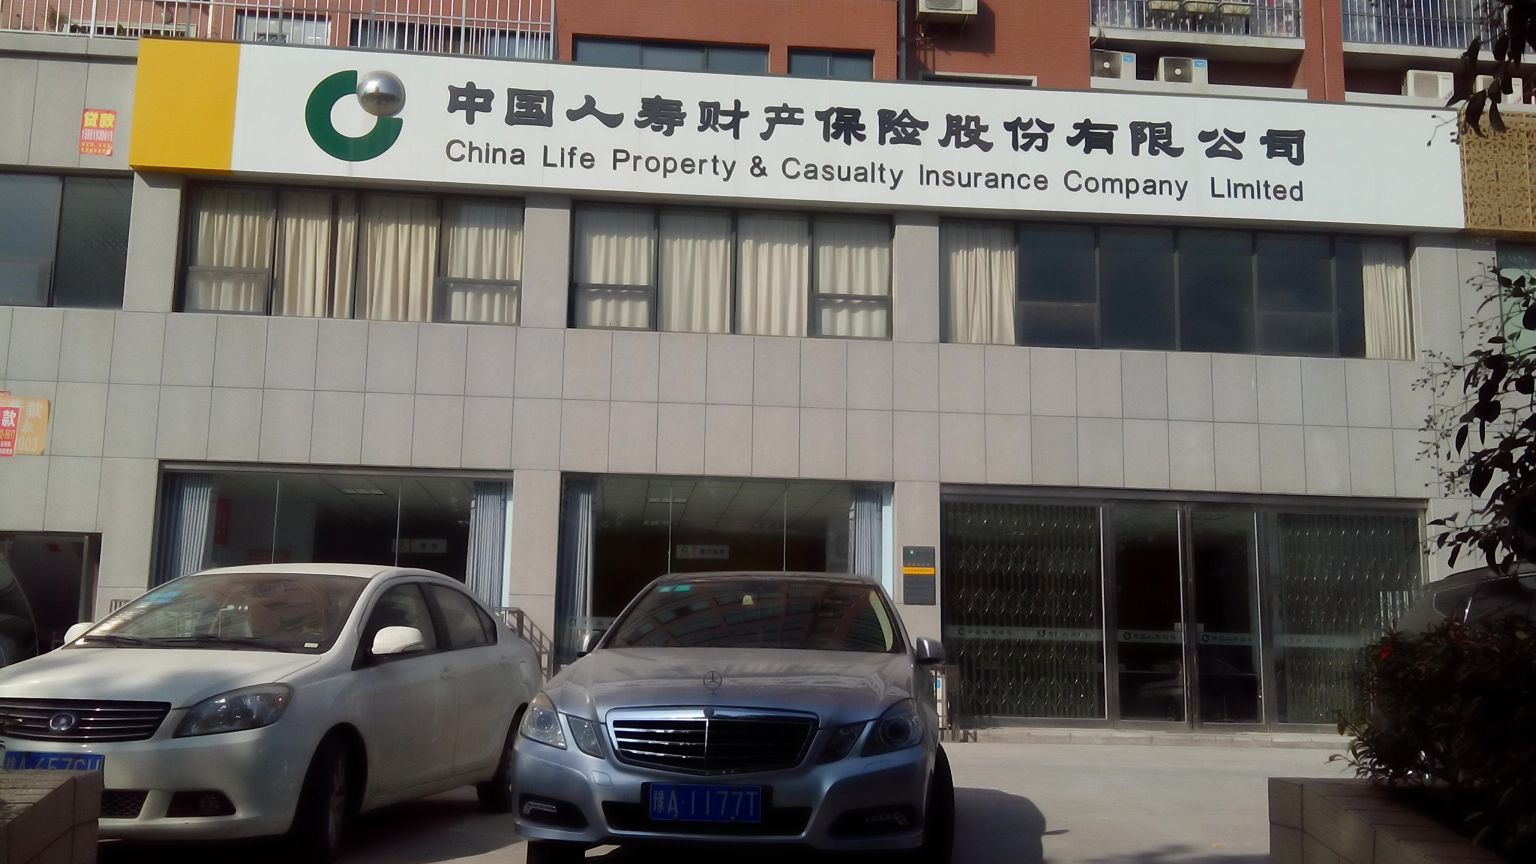 中国人寿财产保险巩义市客服中心